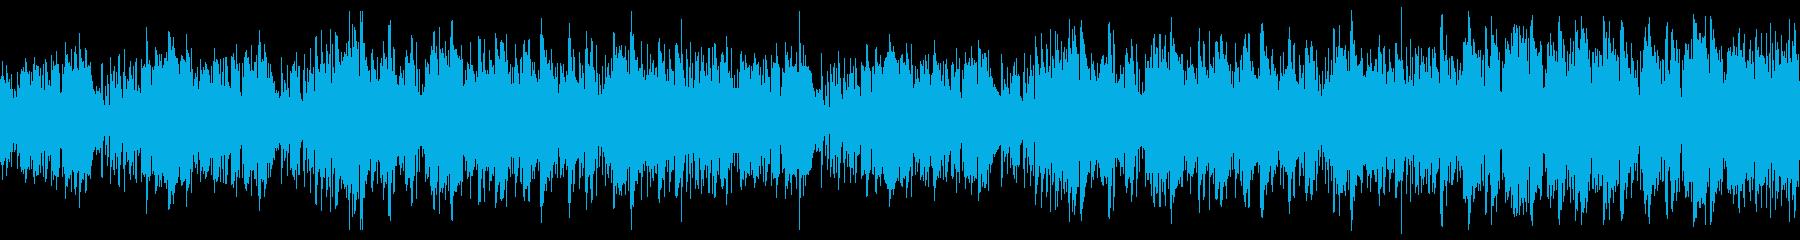 旅行・コミカルな夏の海・ジャズ・ループの再生済みの波形